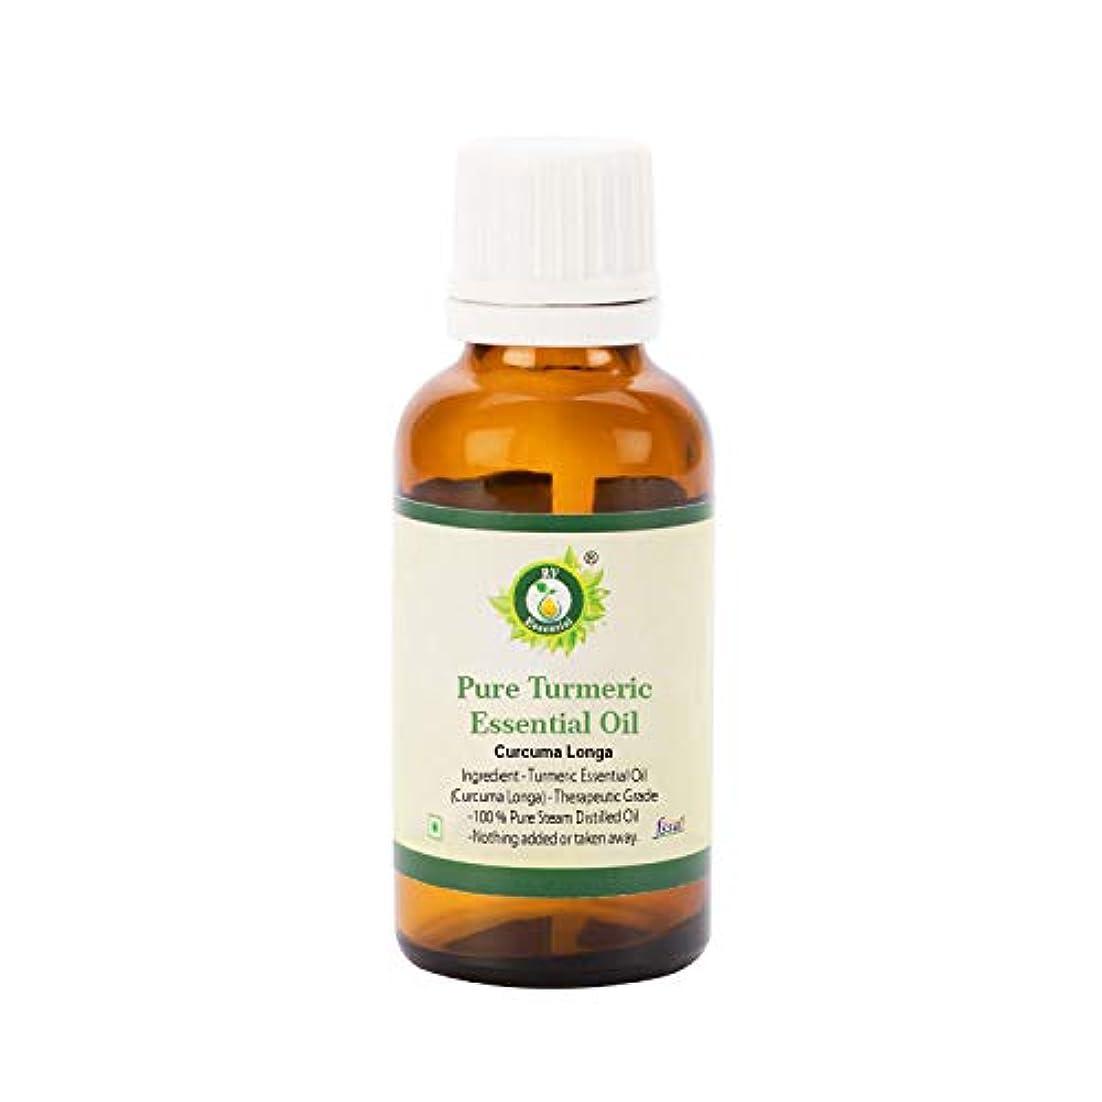 決めます競争緩めるR V Essential 純粋なウコン精油5ml (0.169oz)- Curcuma Longa (100%純粋&天然スチームDistilled) Pure Turmeric Essential Oil